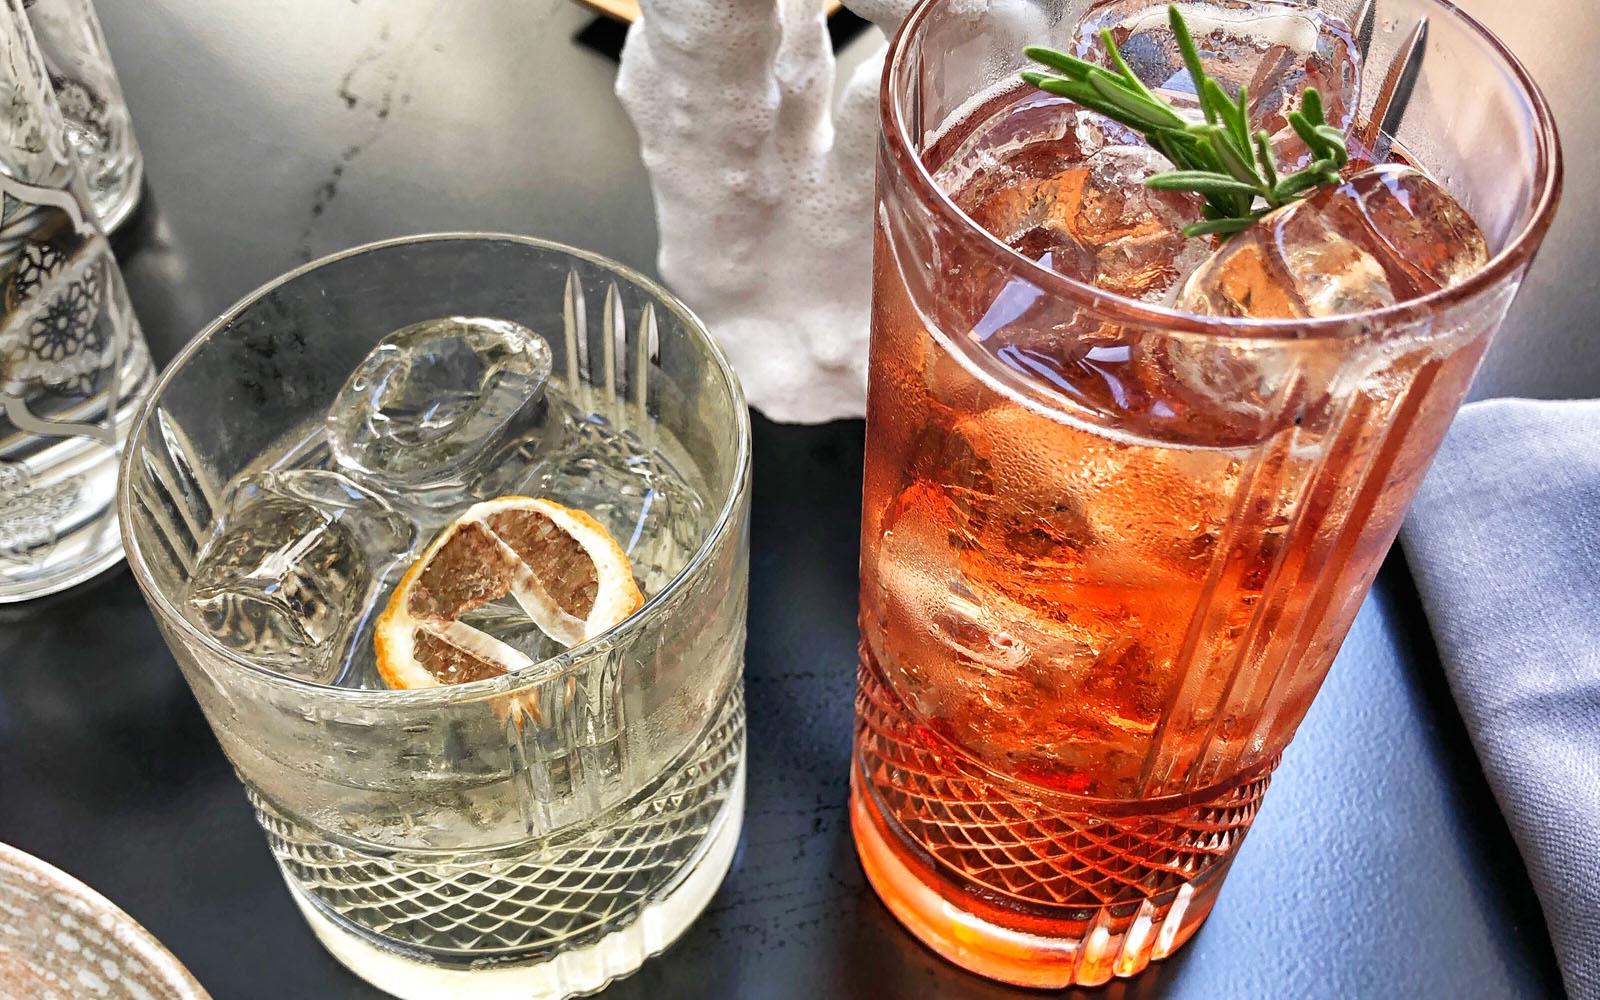 Il negroni bianco e il cocktail della casa, assaggiati da Spica.